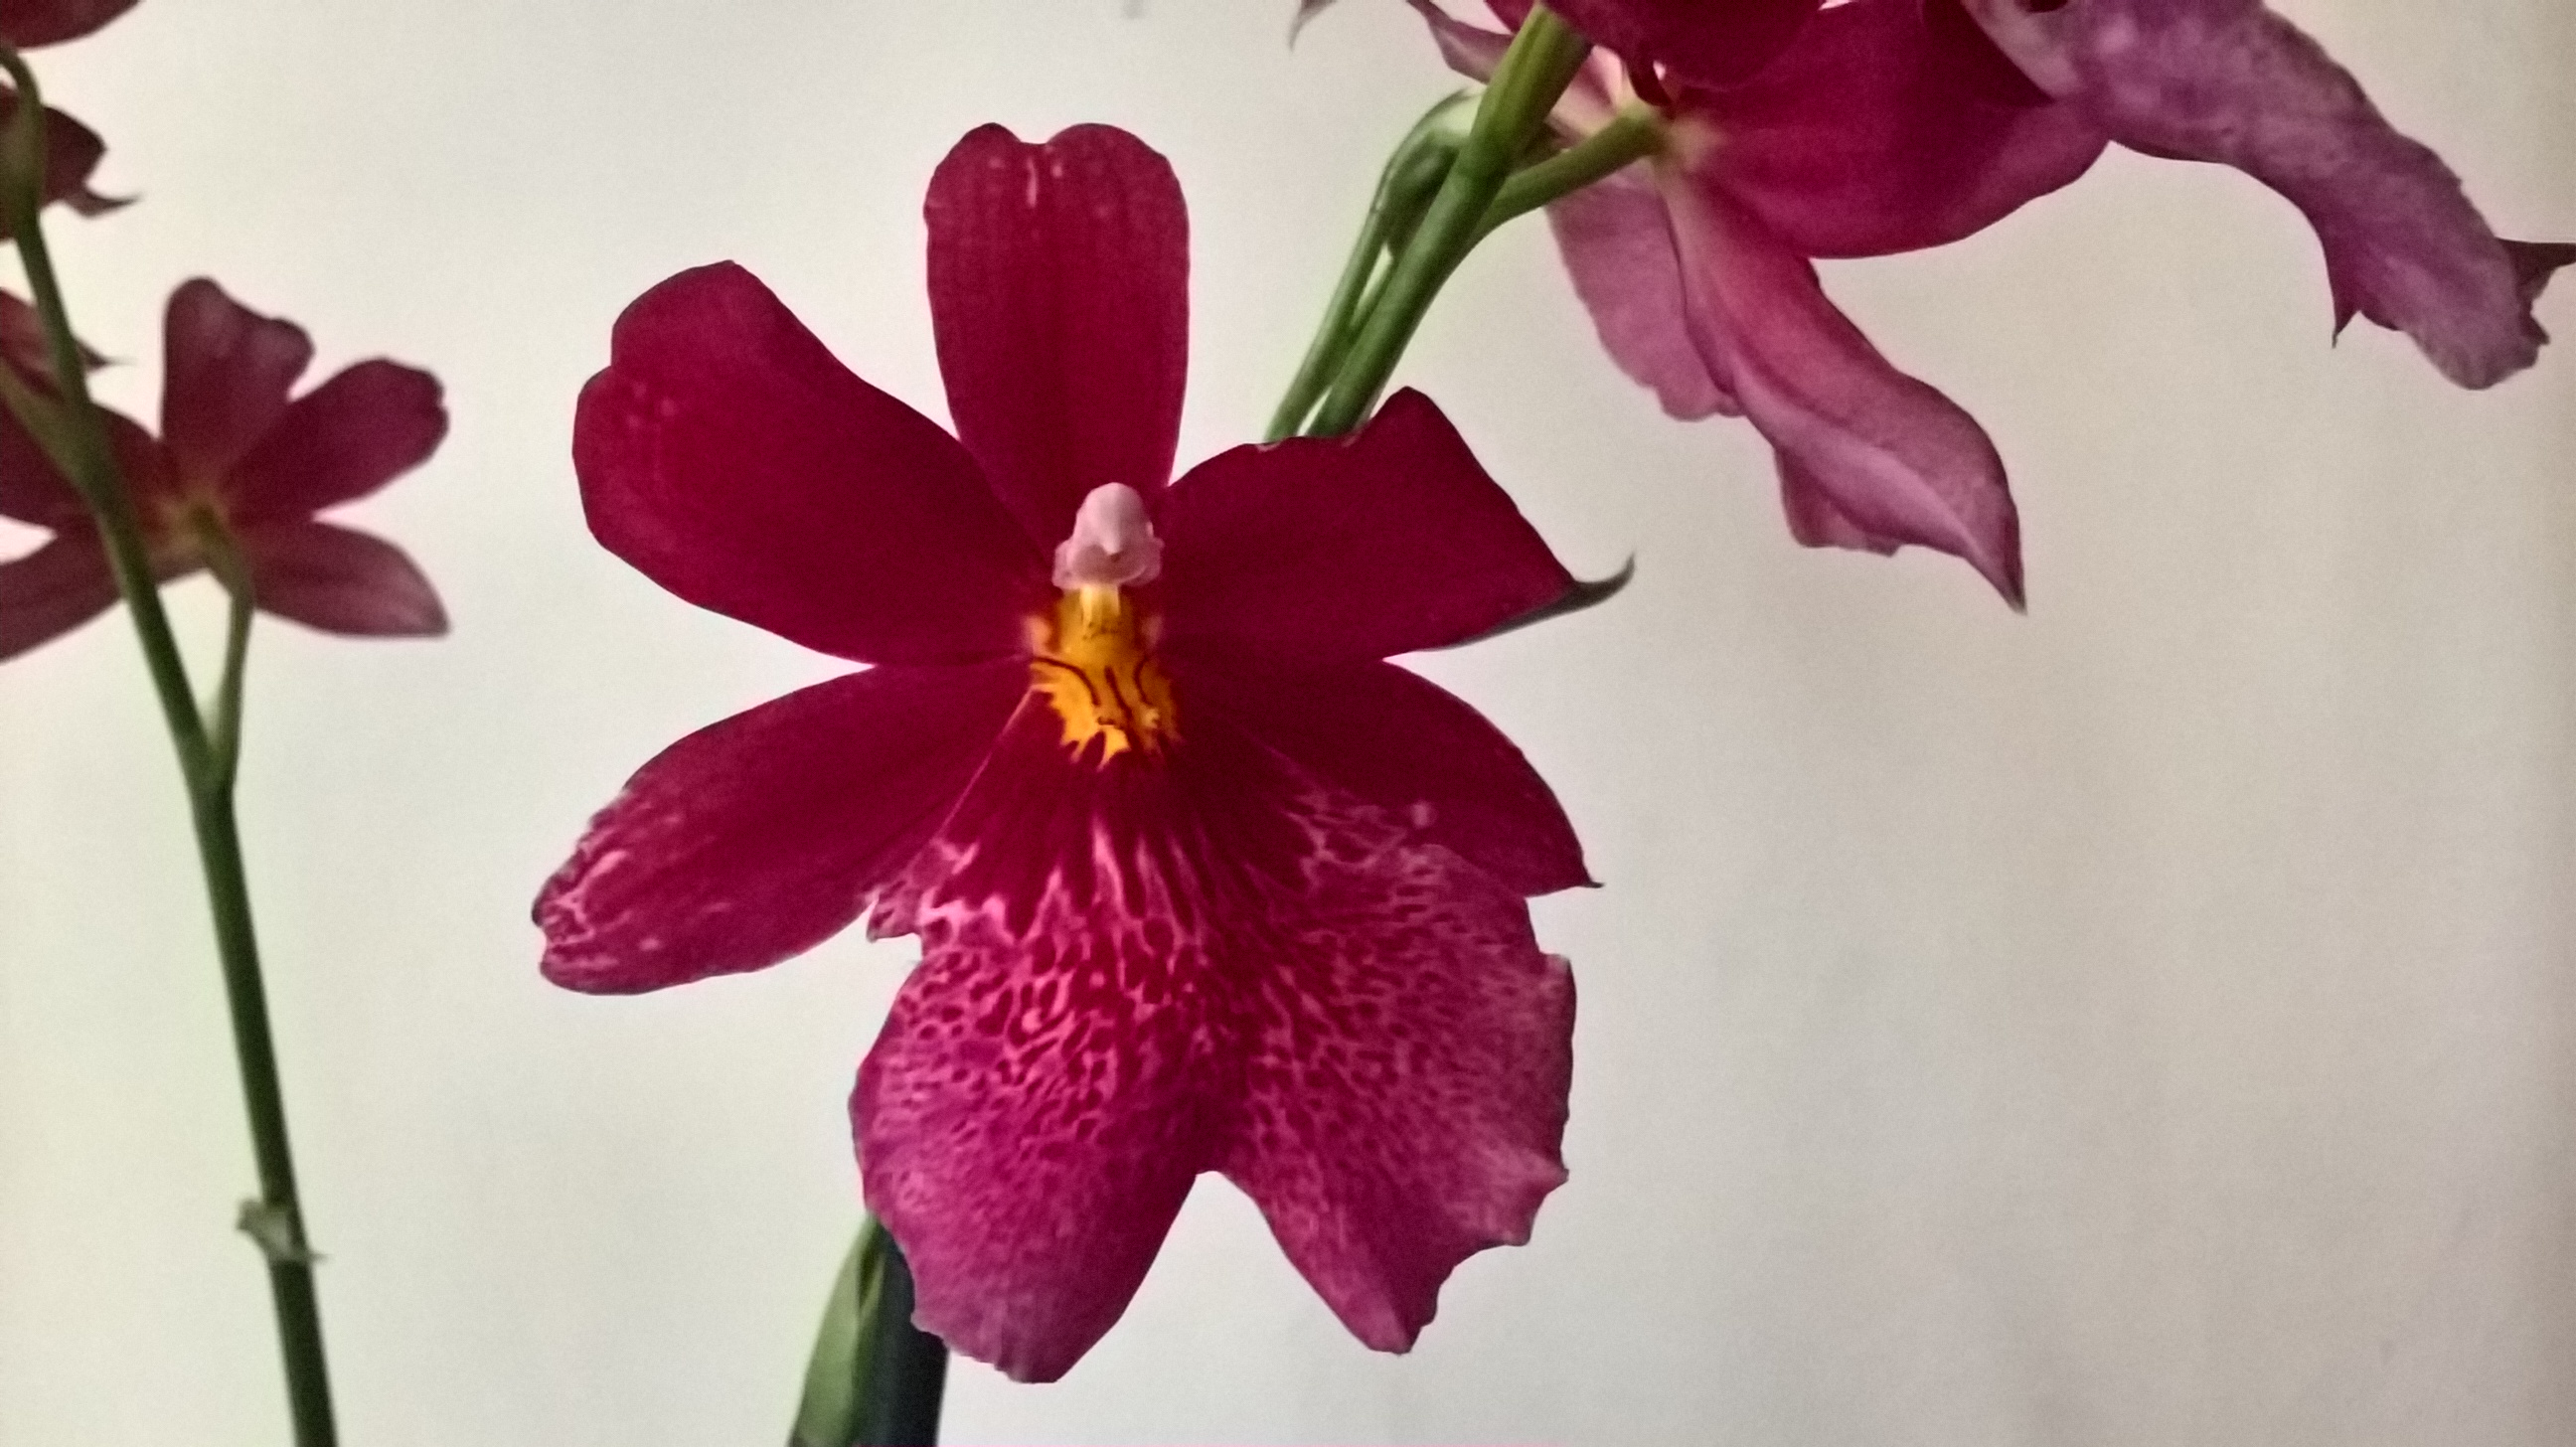 VOTES : La fleur du mois (catégorie achetée avec hampe, boutons ou fleurs) - JUIN 2016 173475WP20160625111415Pro